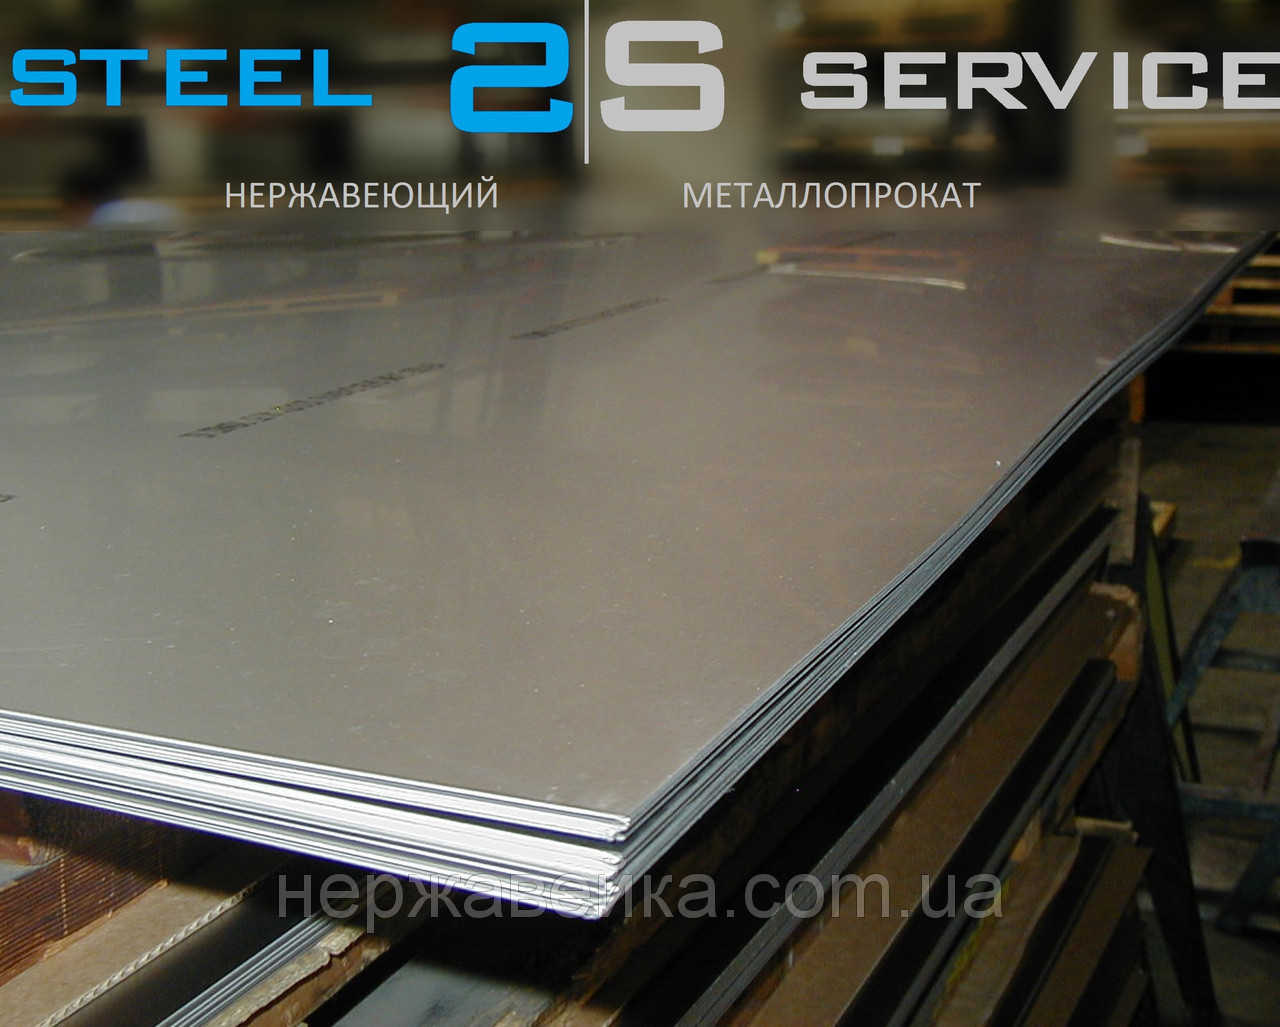 Нержавеющий лист 0,4х1250х2500мм AISI 304(08Х18Н10) BA - зеркало, пищевой